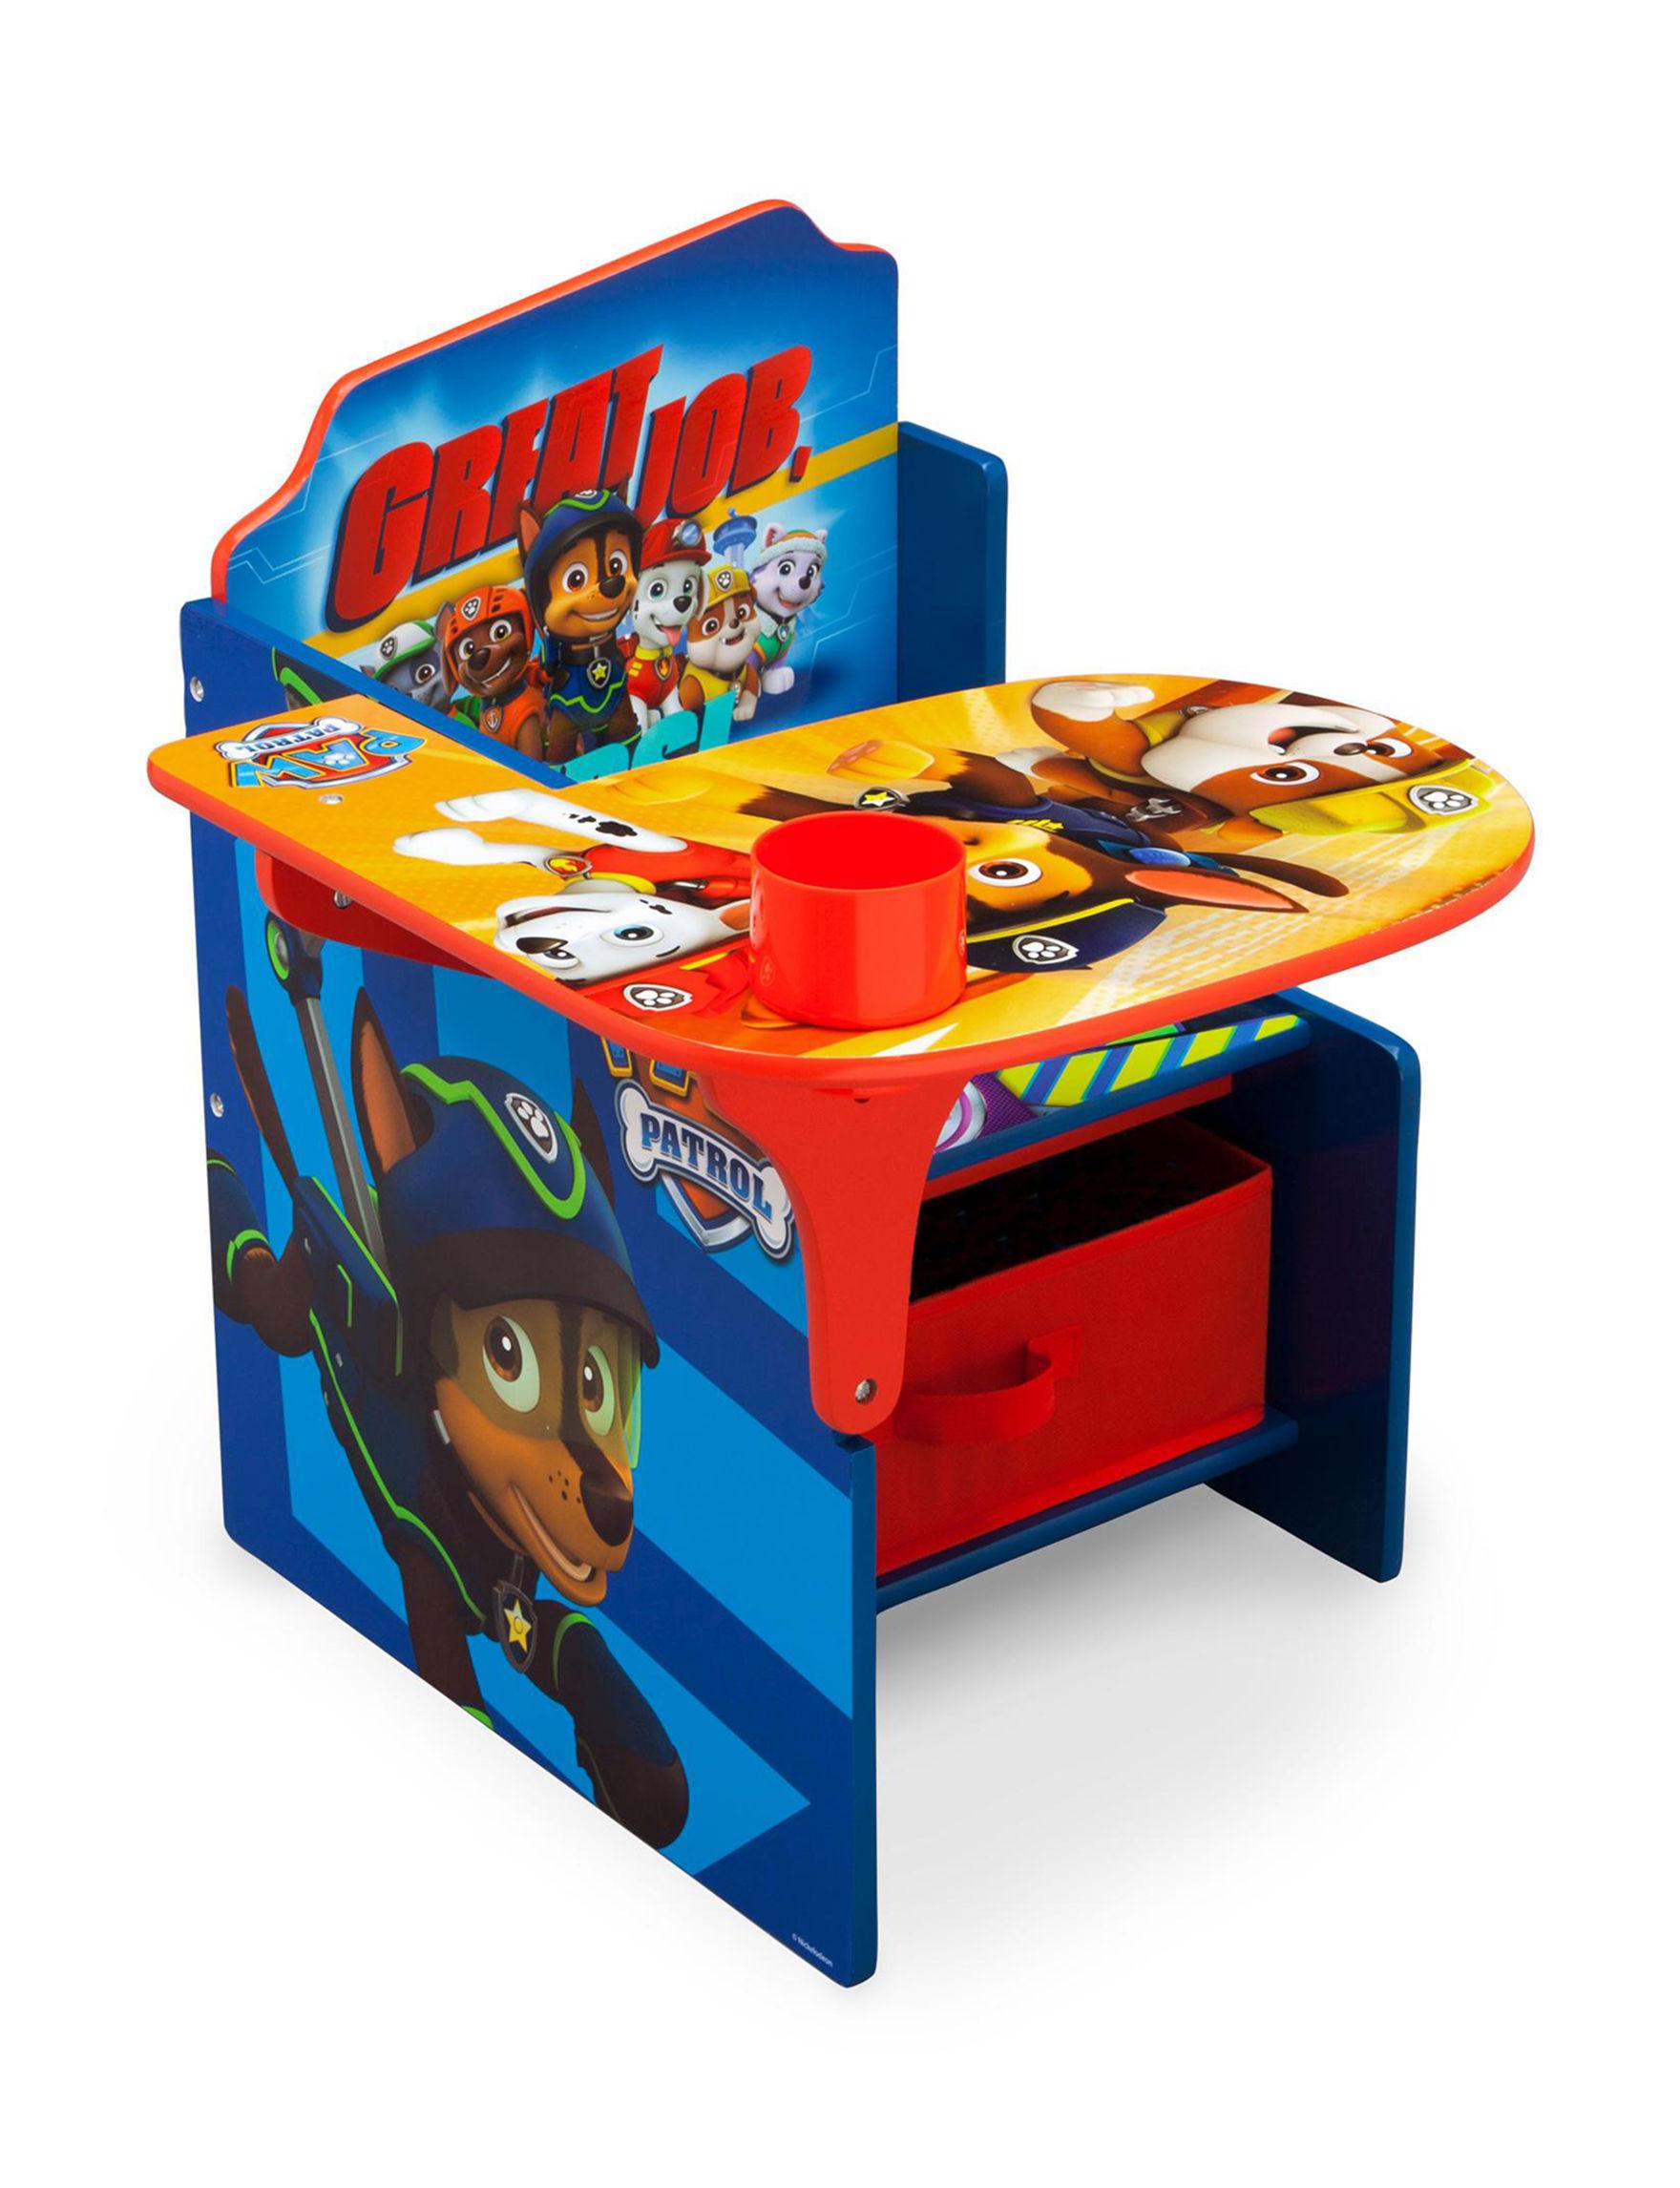 Nickelodeon Blue Desks & Vanities Table & Chair Sets